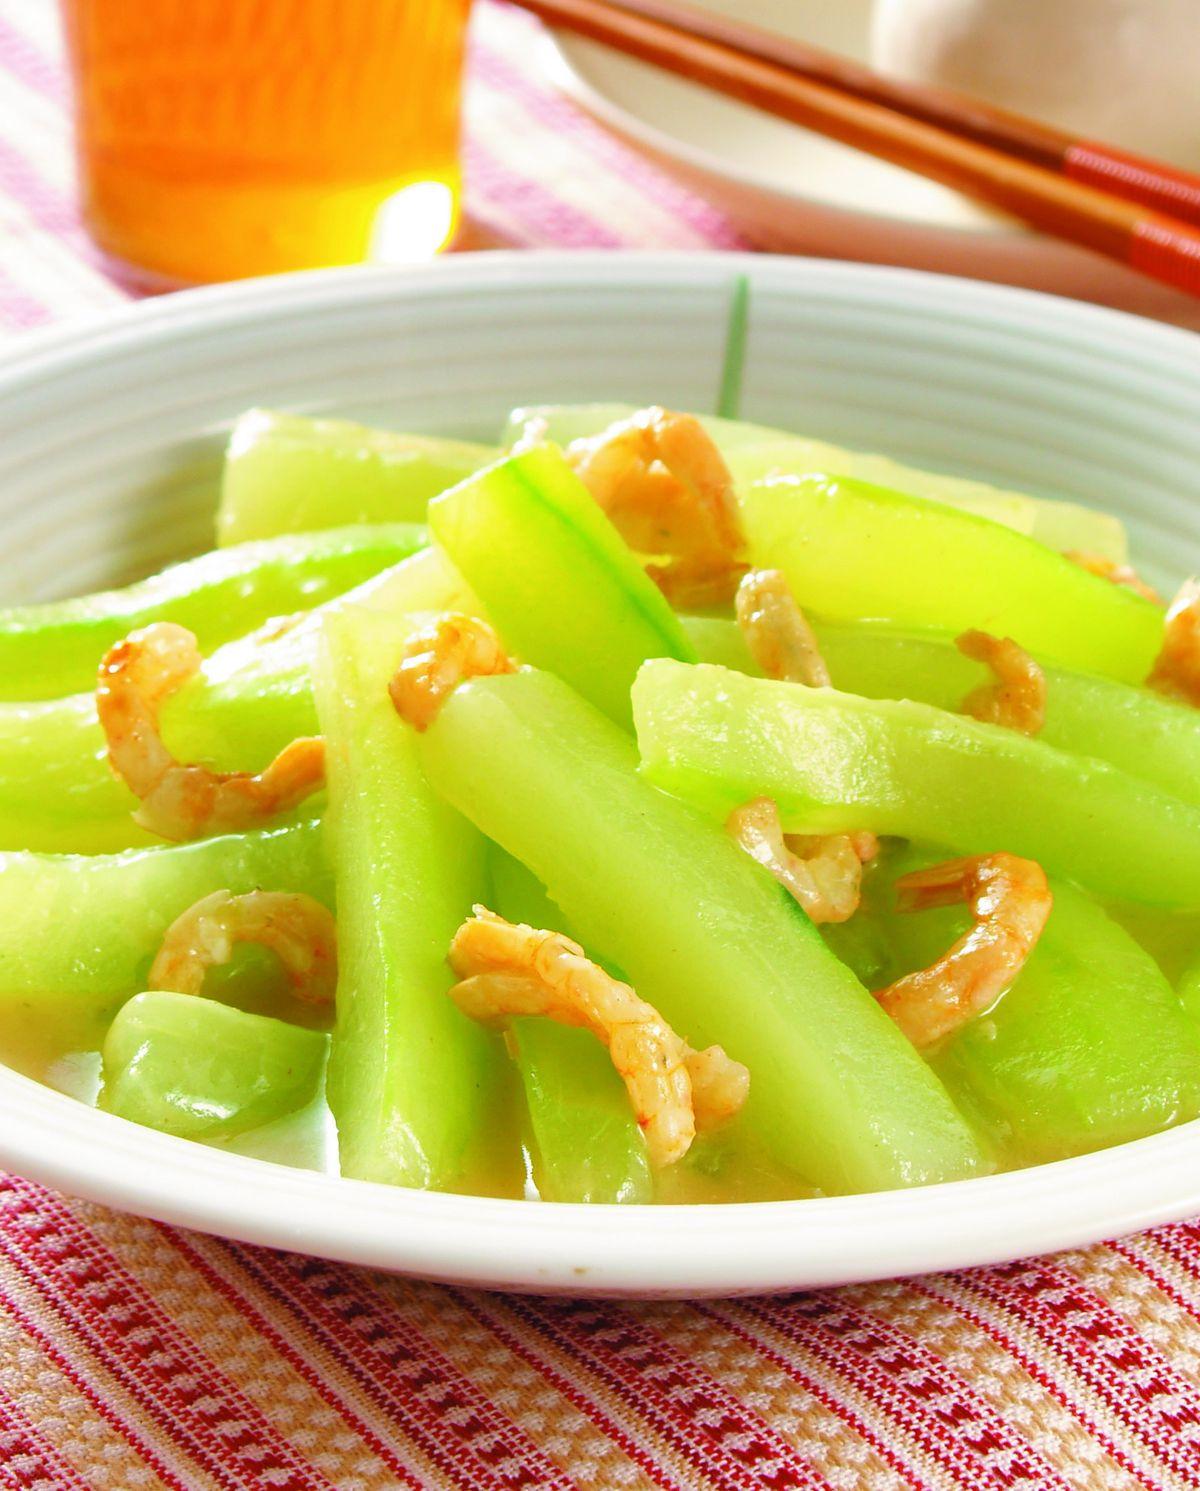 食譜:開洋大黃瓜